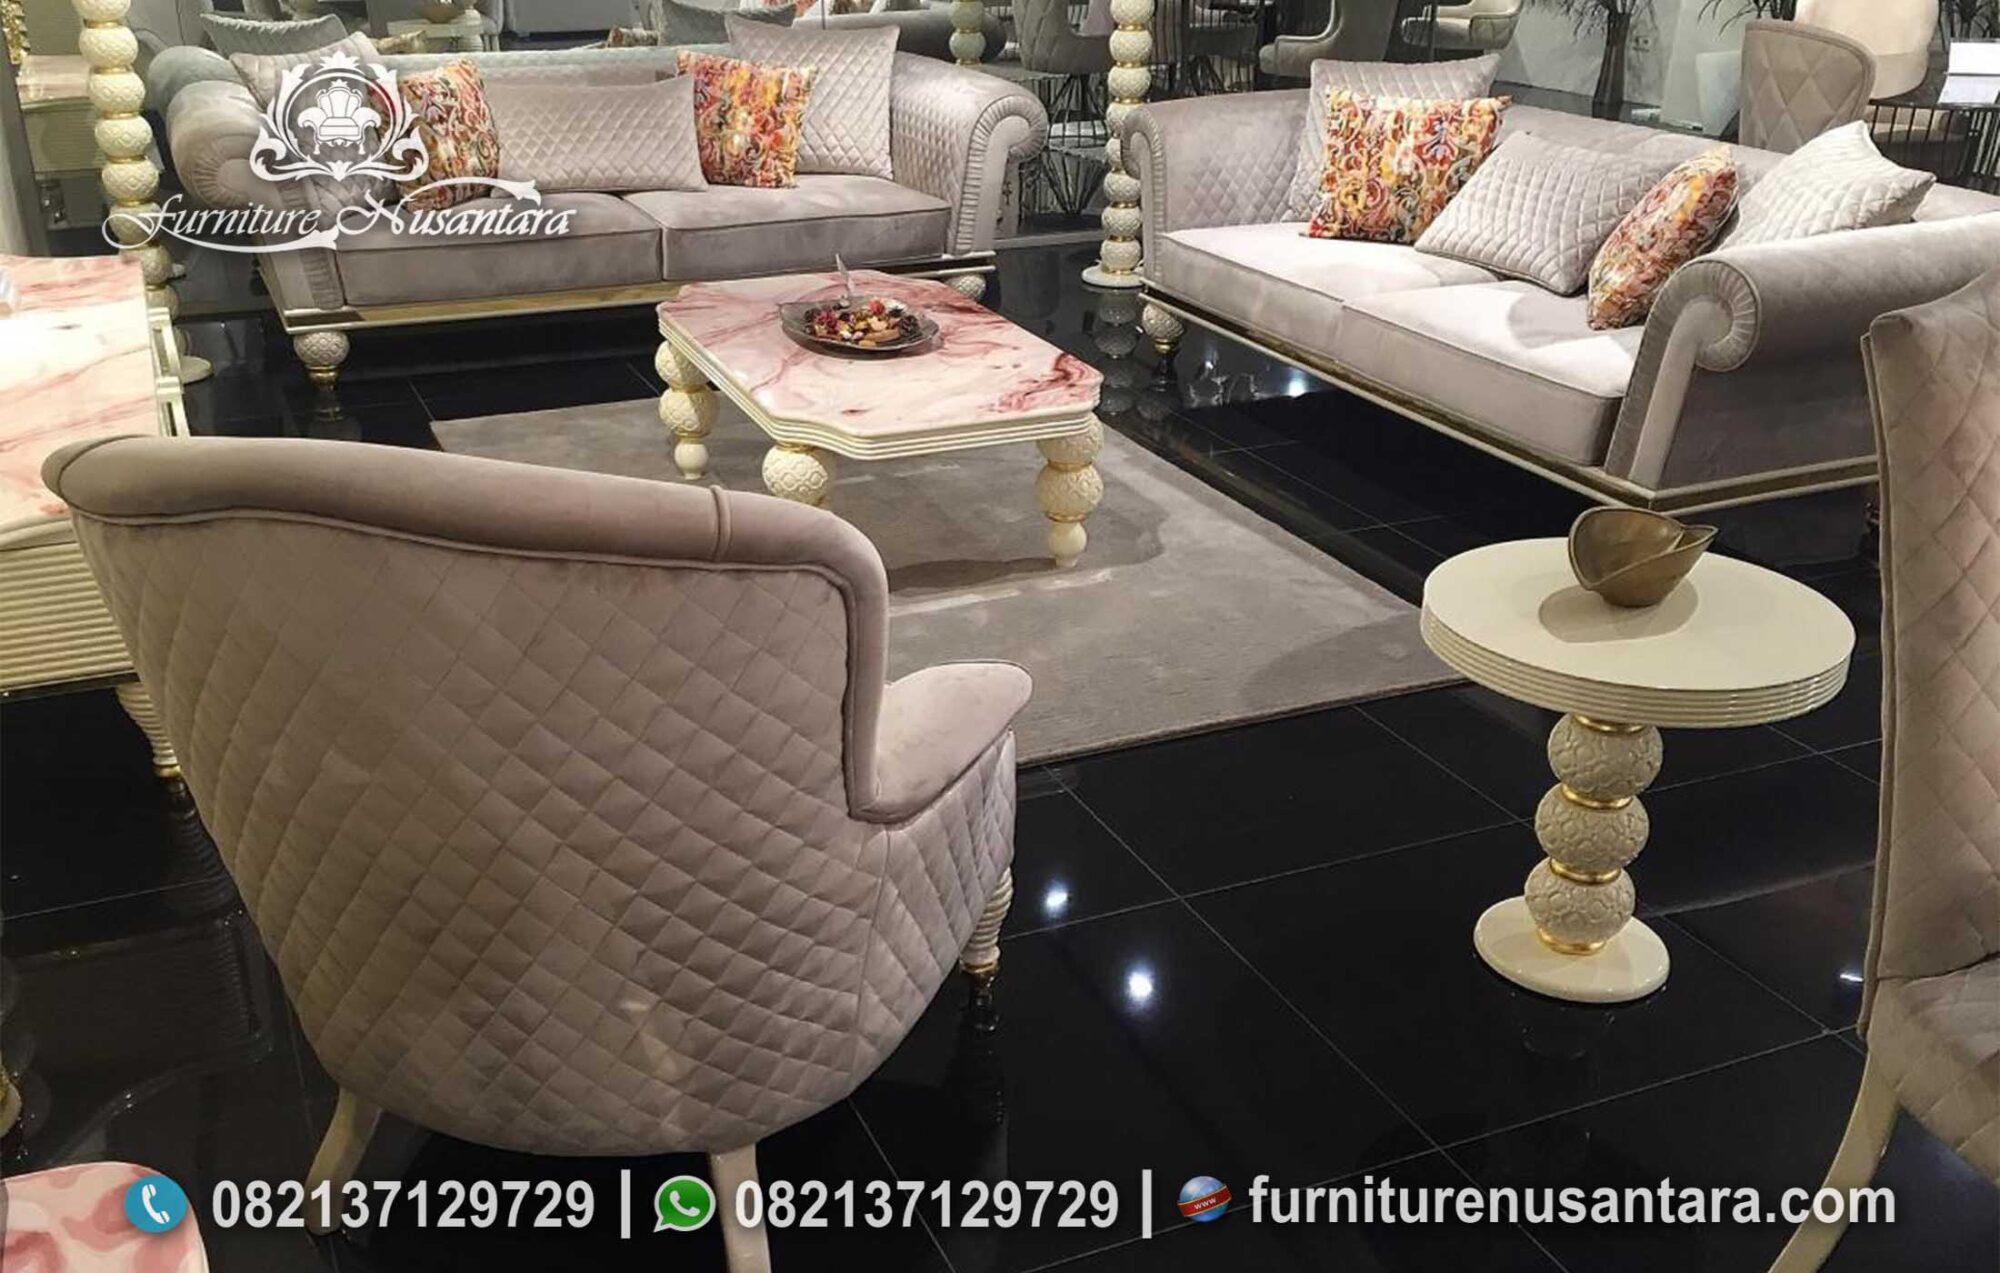 Sofa Apartemen Minimalis Terbaru ST-33, Furniture Nusantara